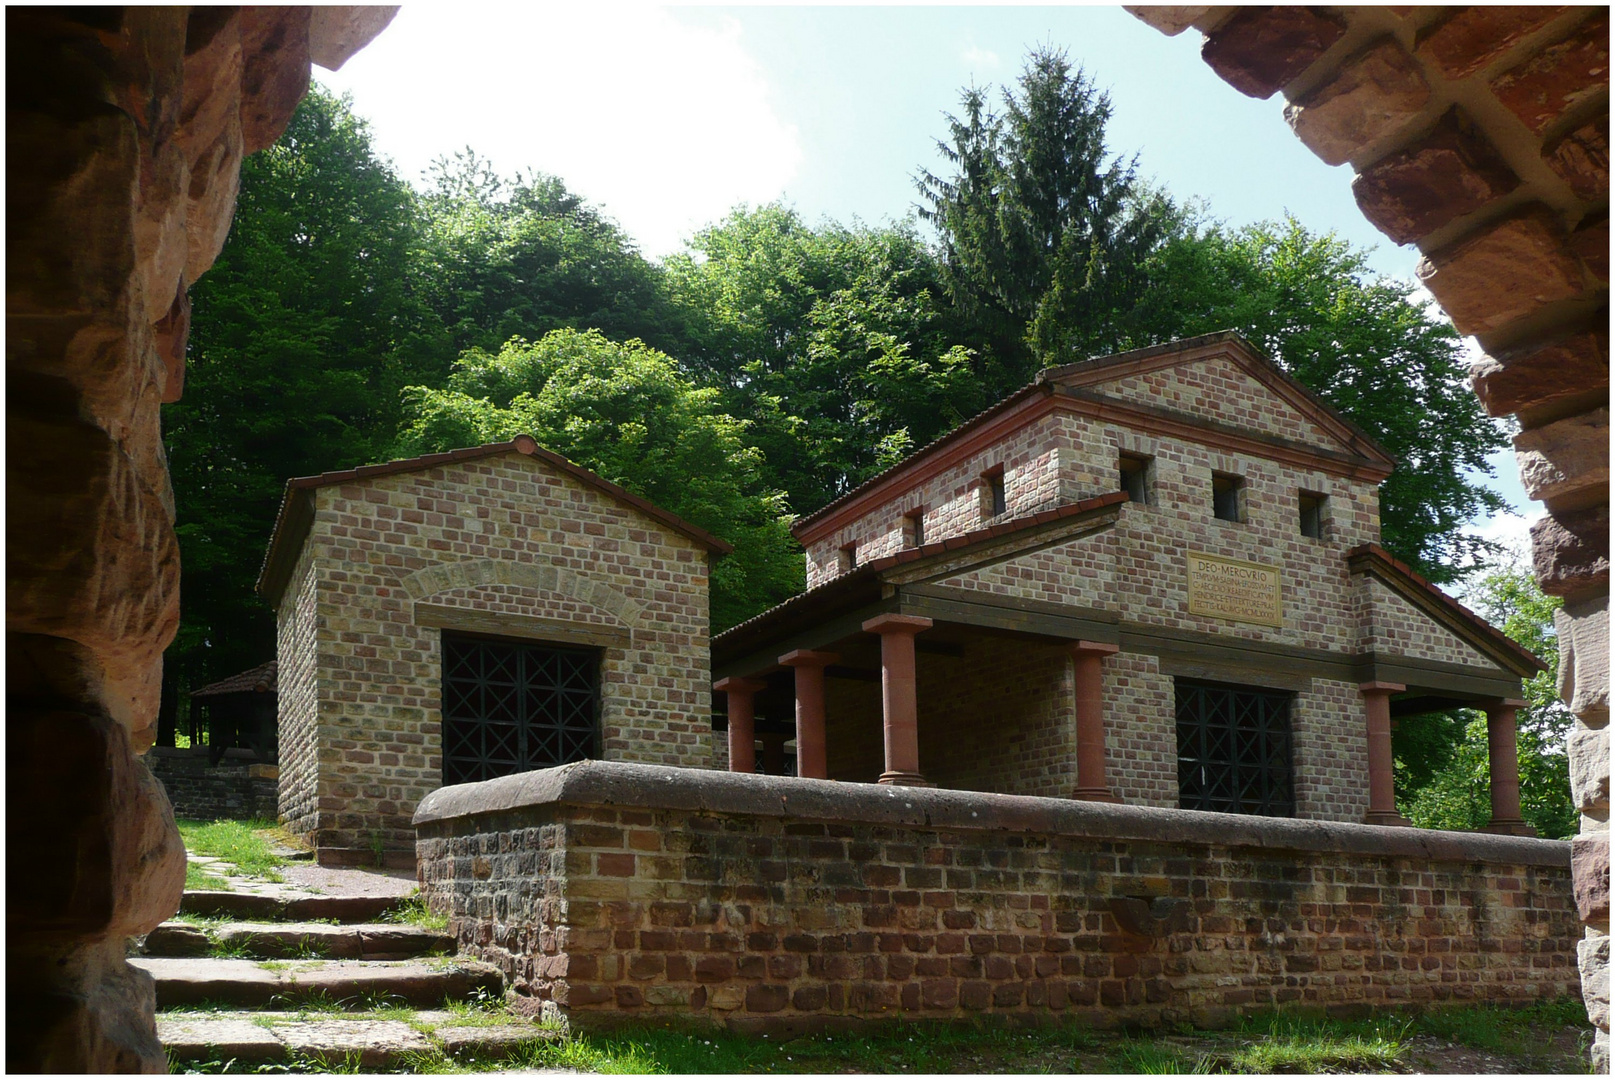 Röm.Tempelanlage bei Tawern